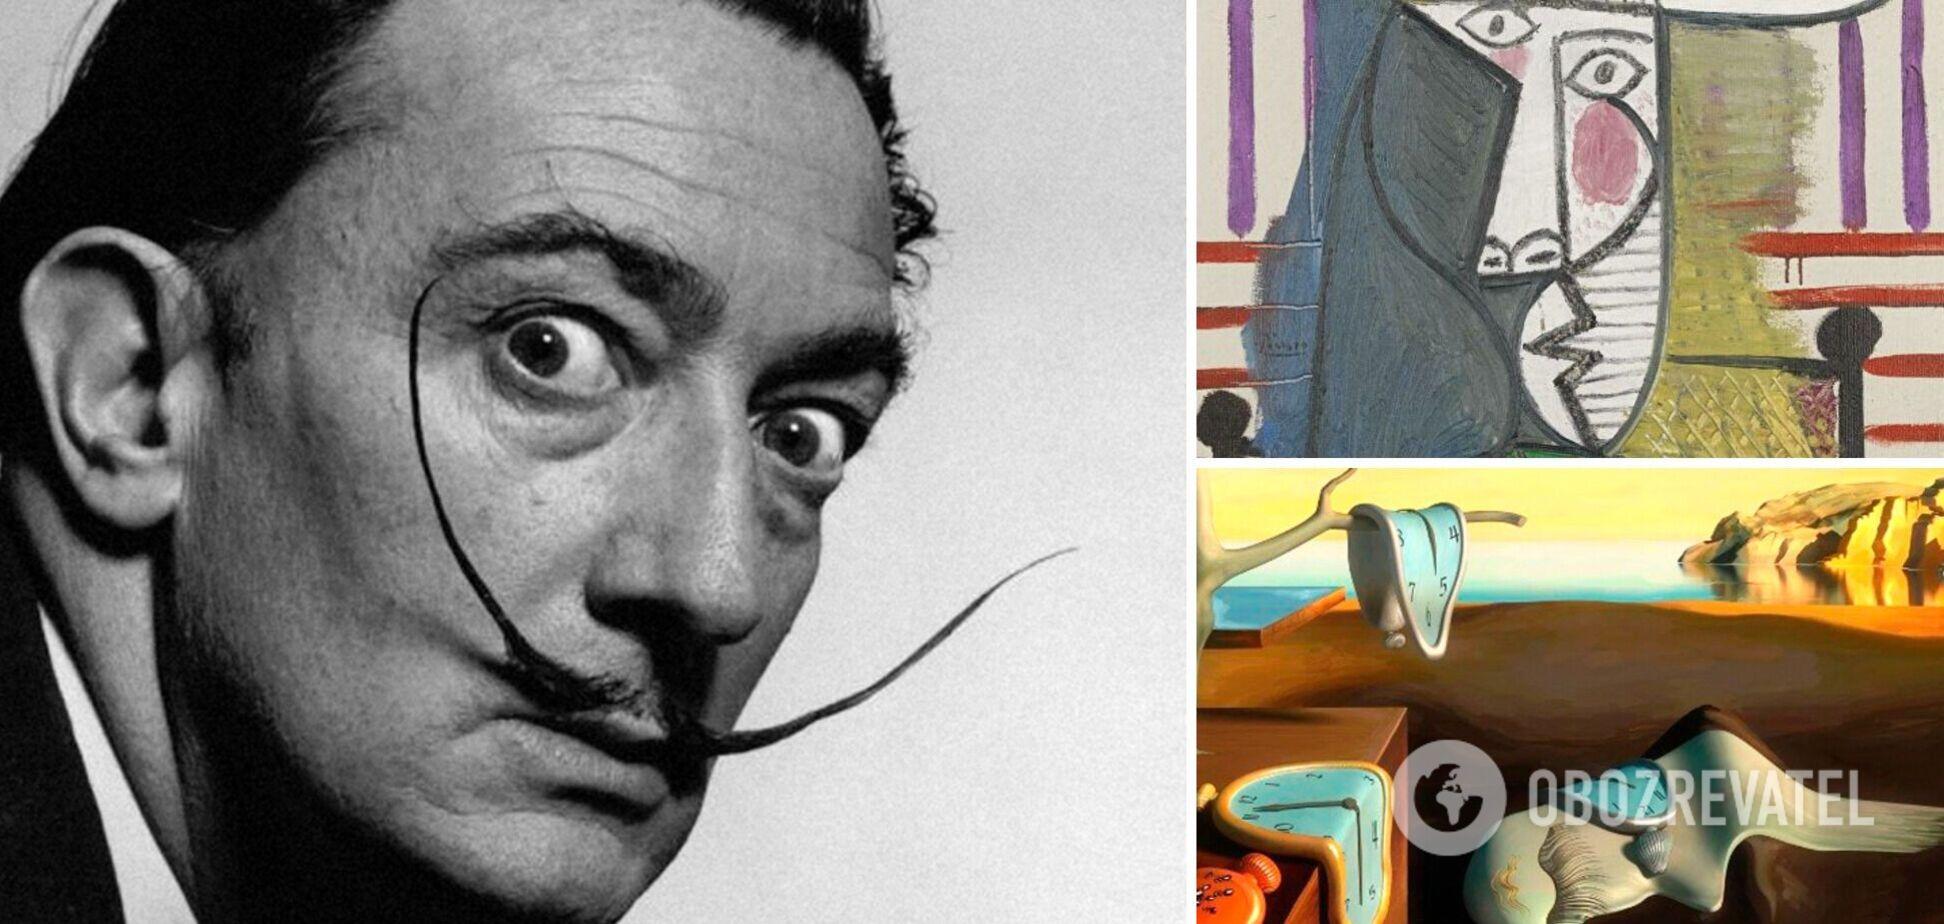 Мифы о художниках: все наркоманы, алкоголики и психопаты?